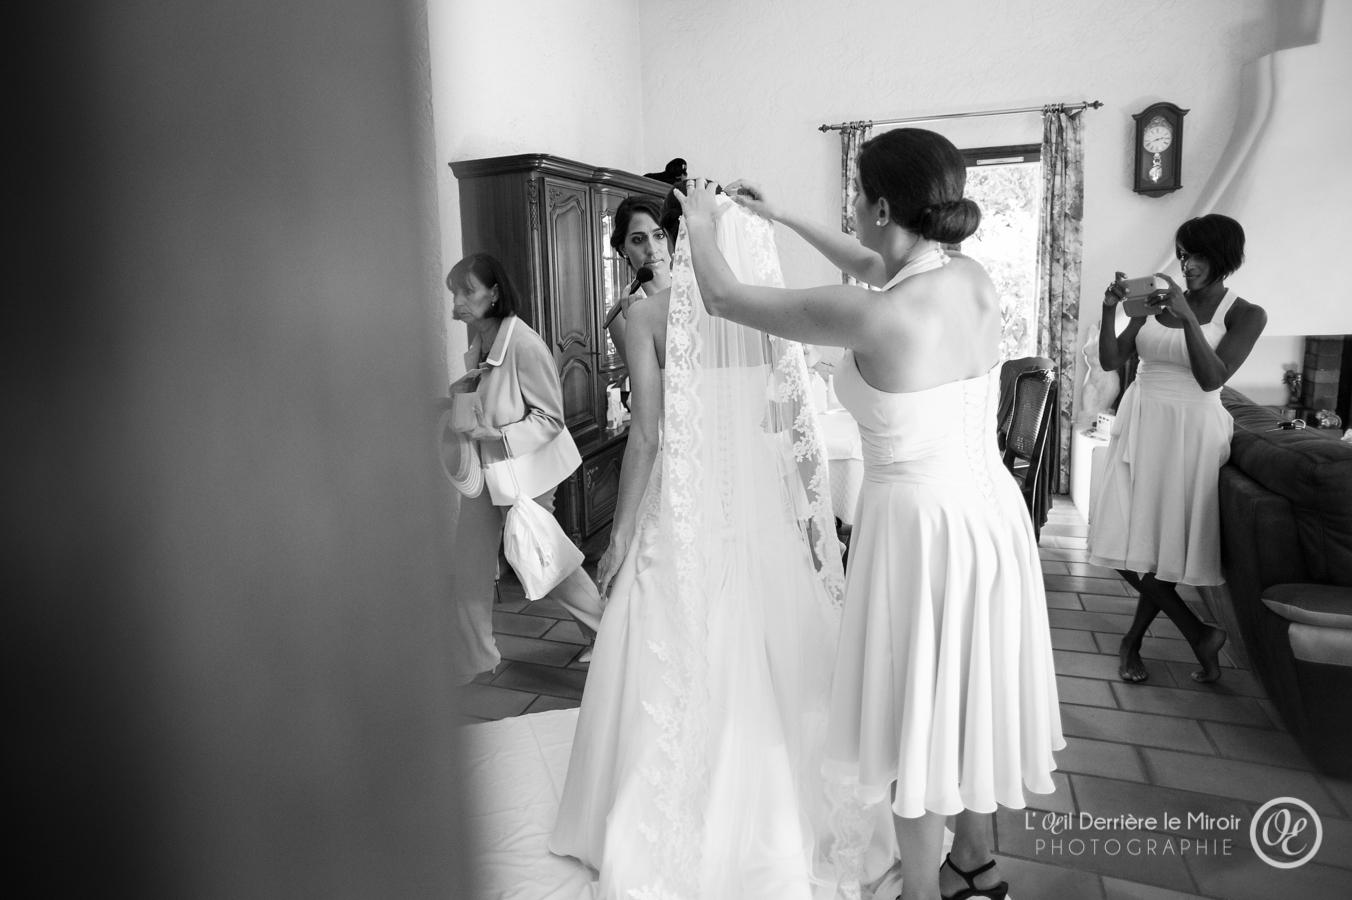 photographe-mariage-villeneuve-loubet-050